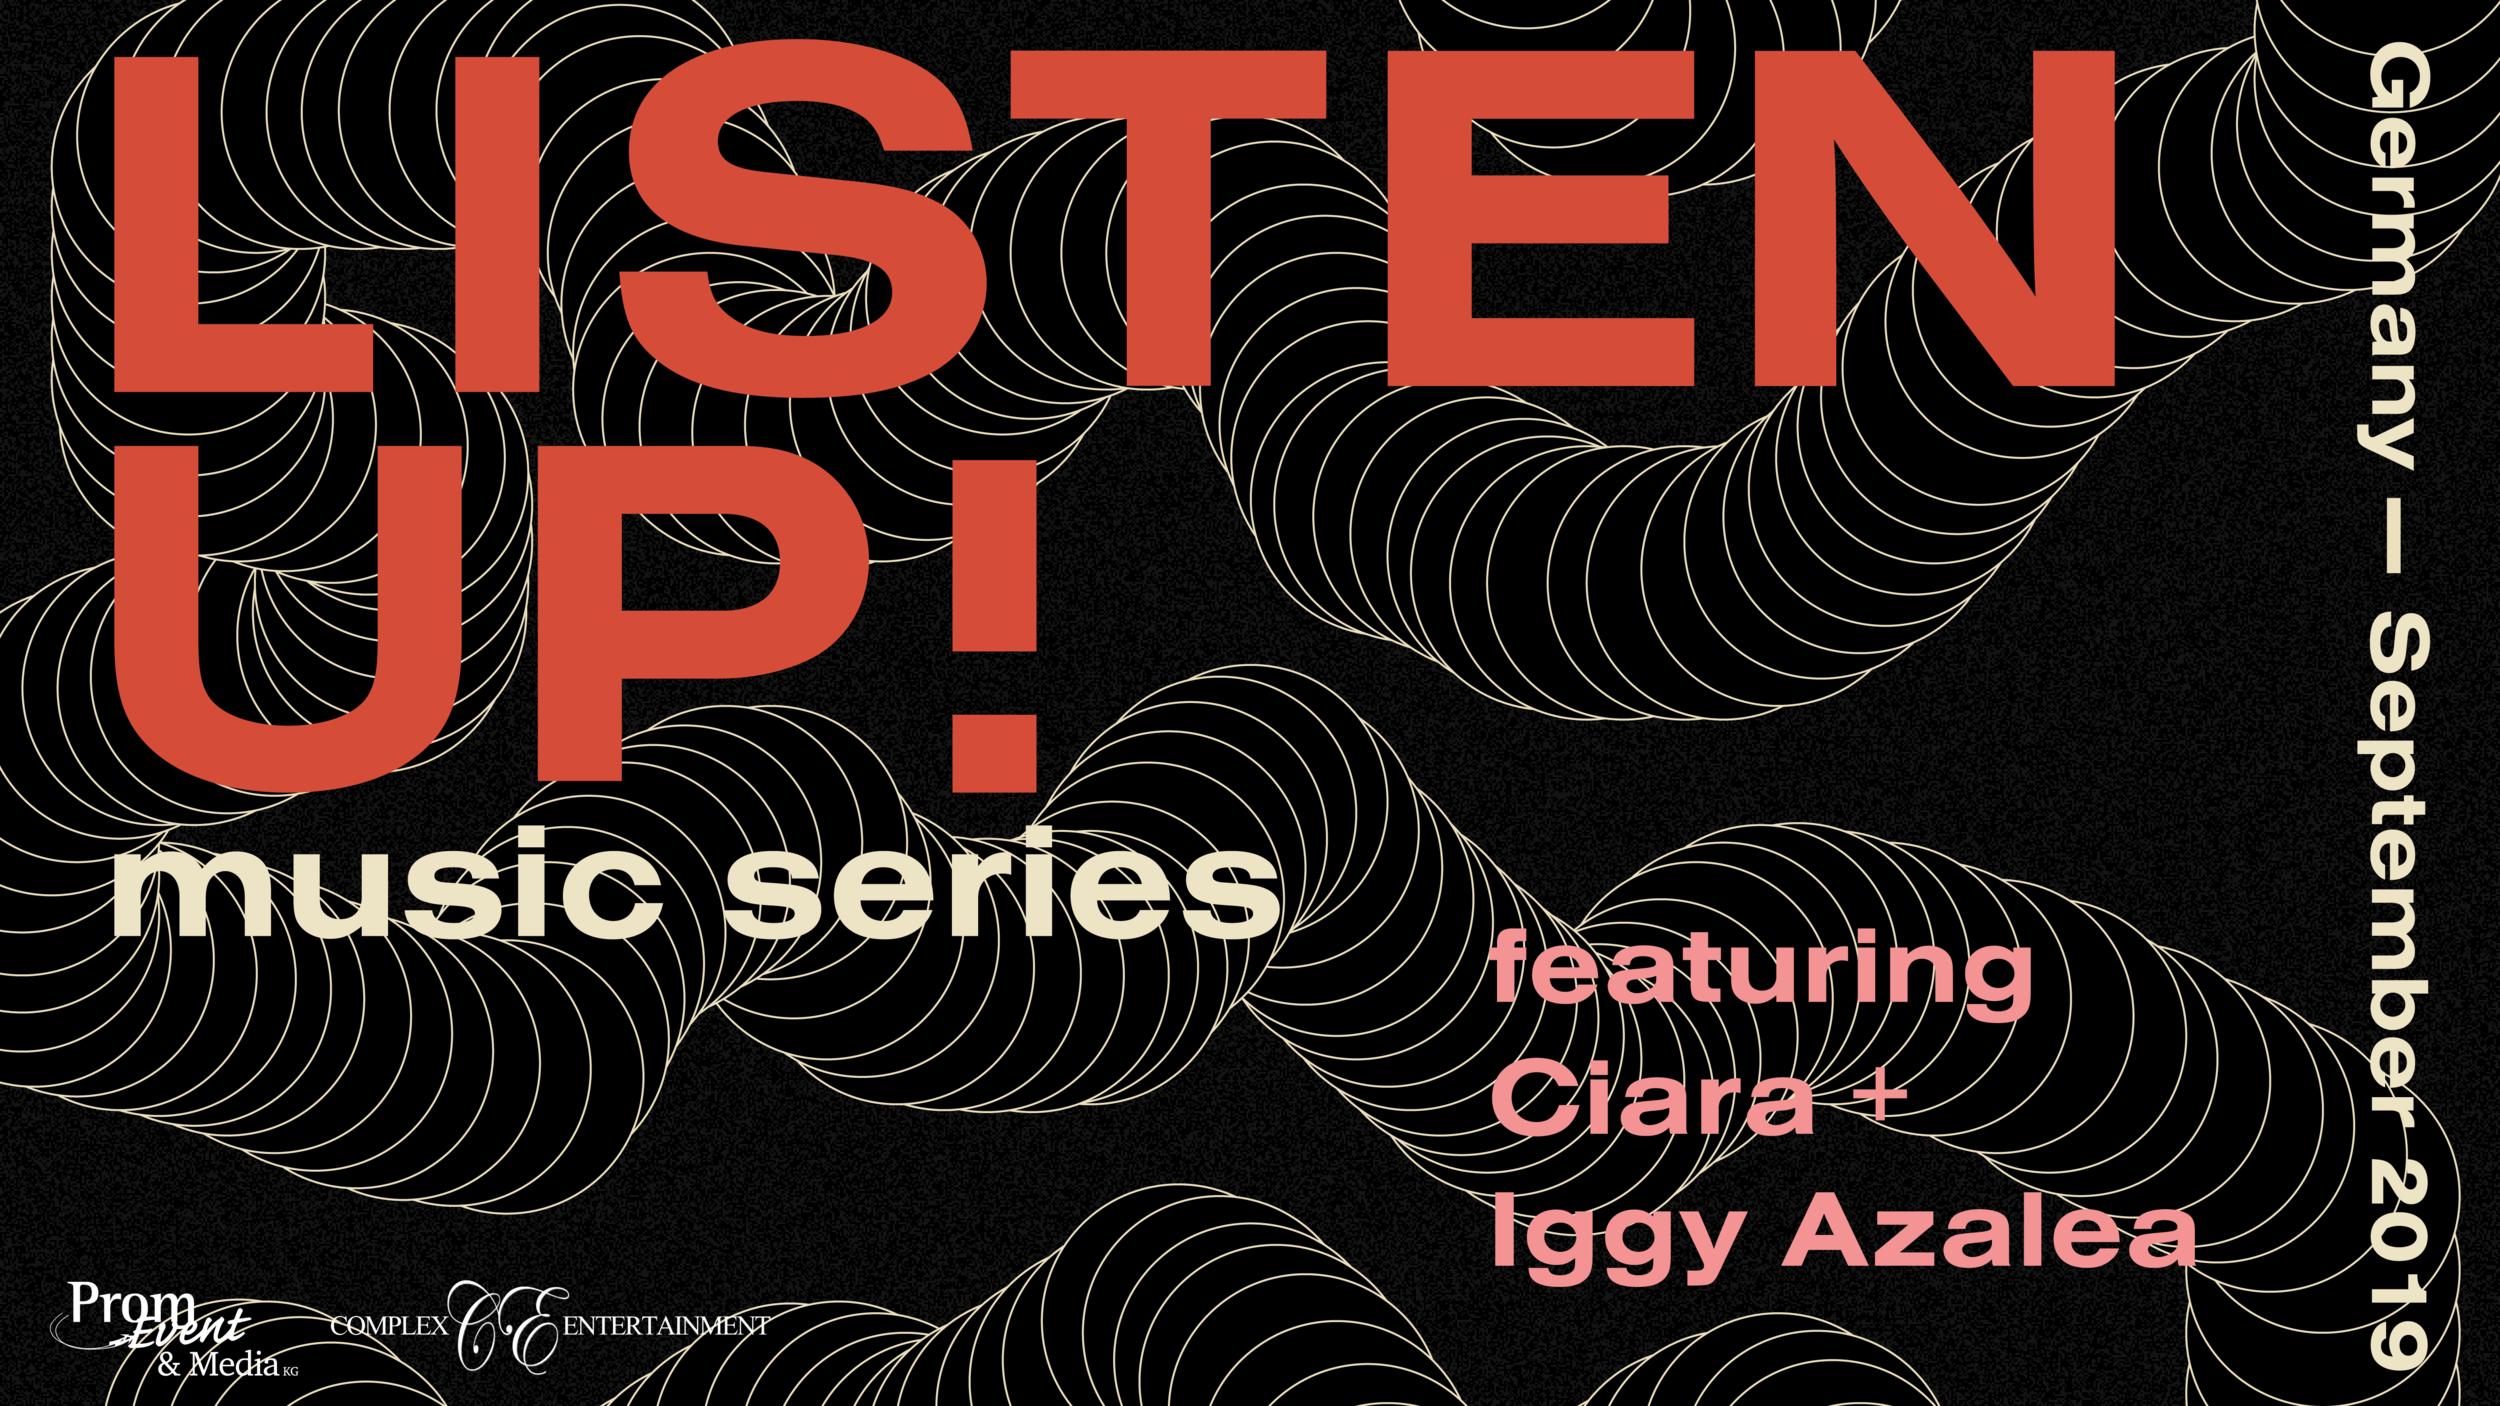 listen up! music series